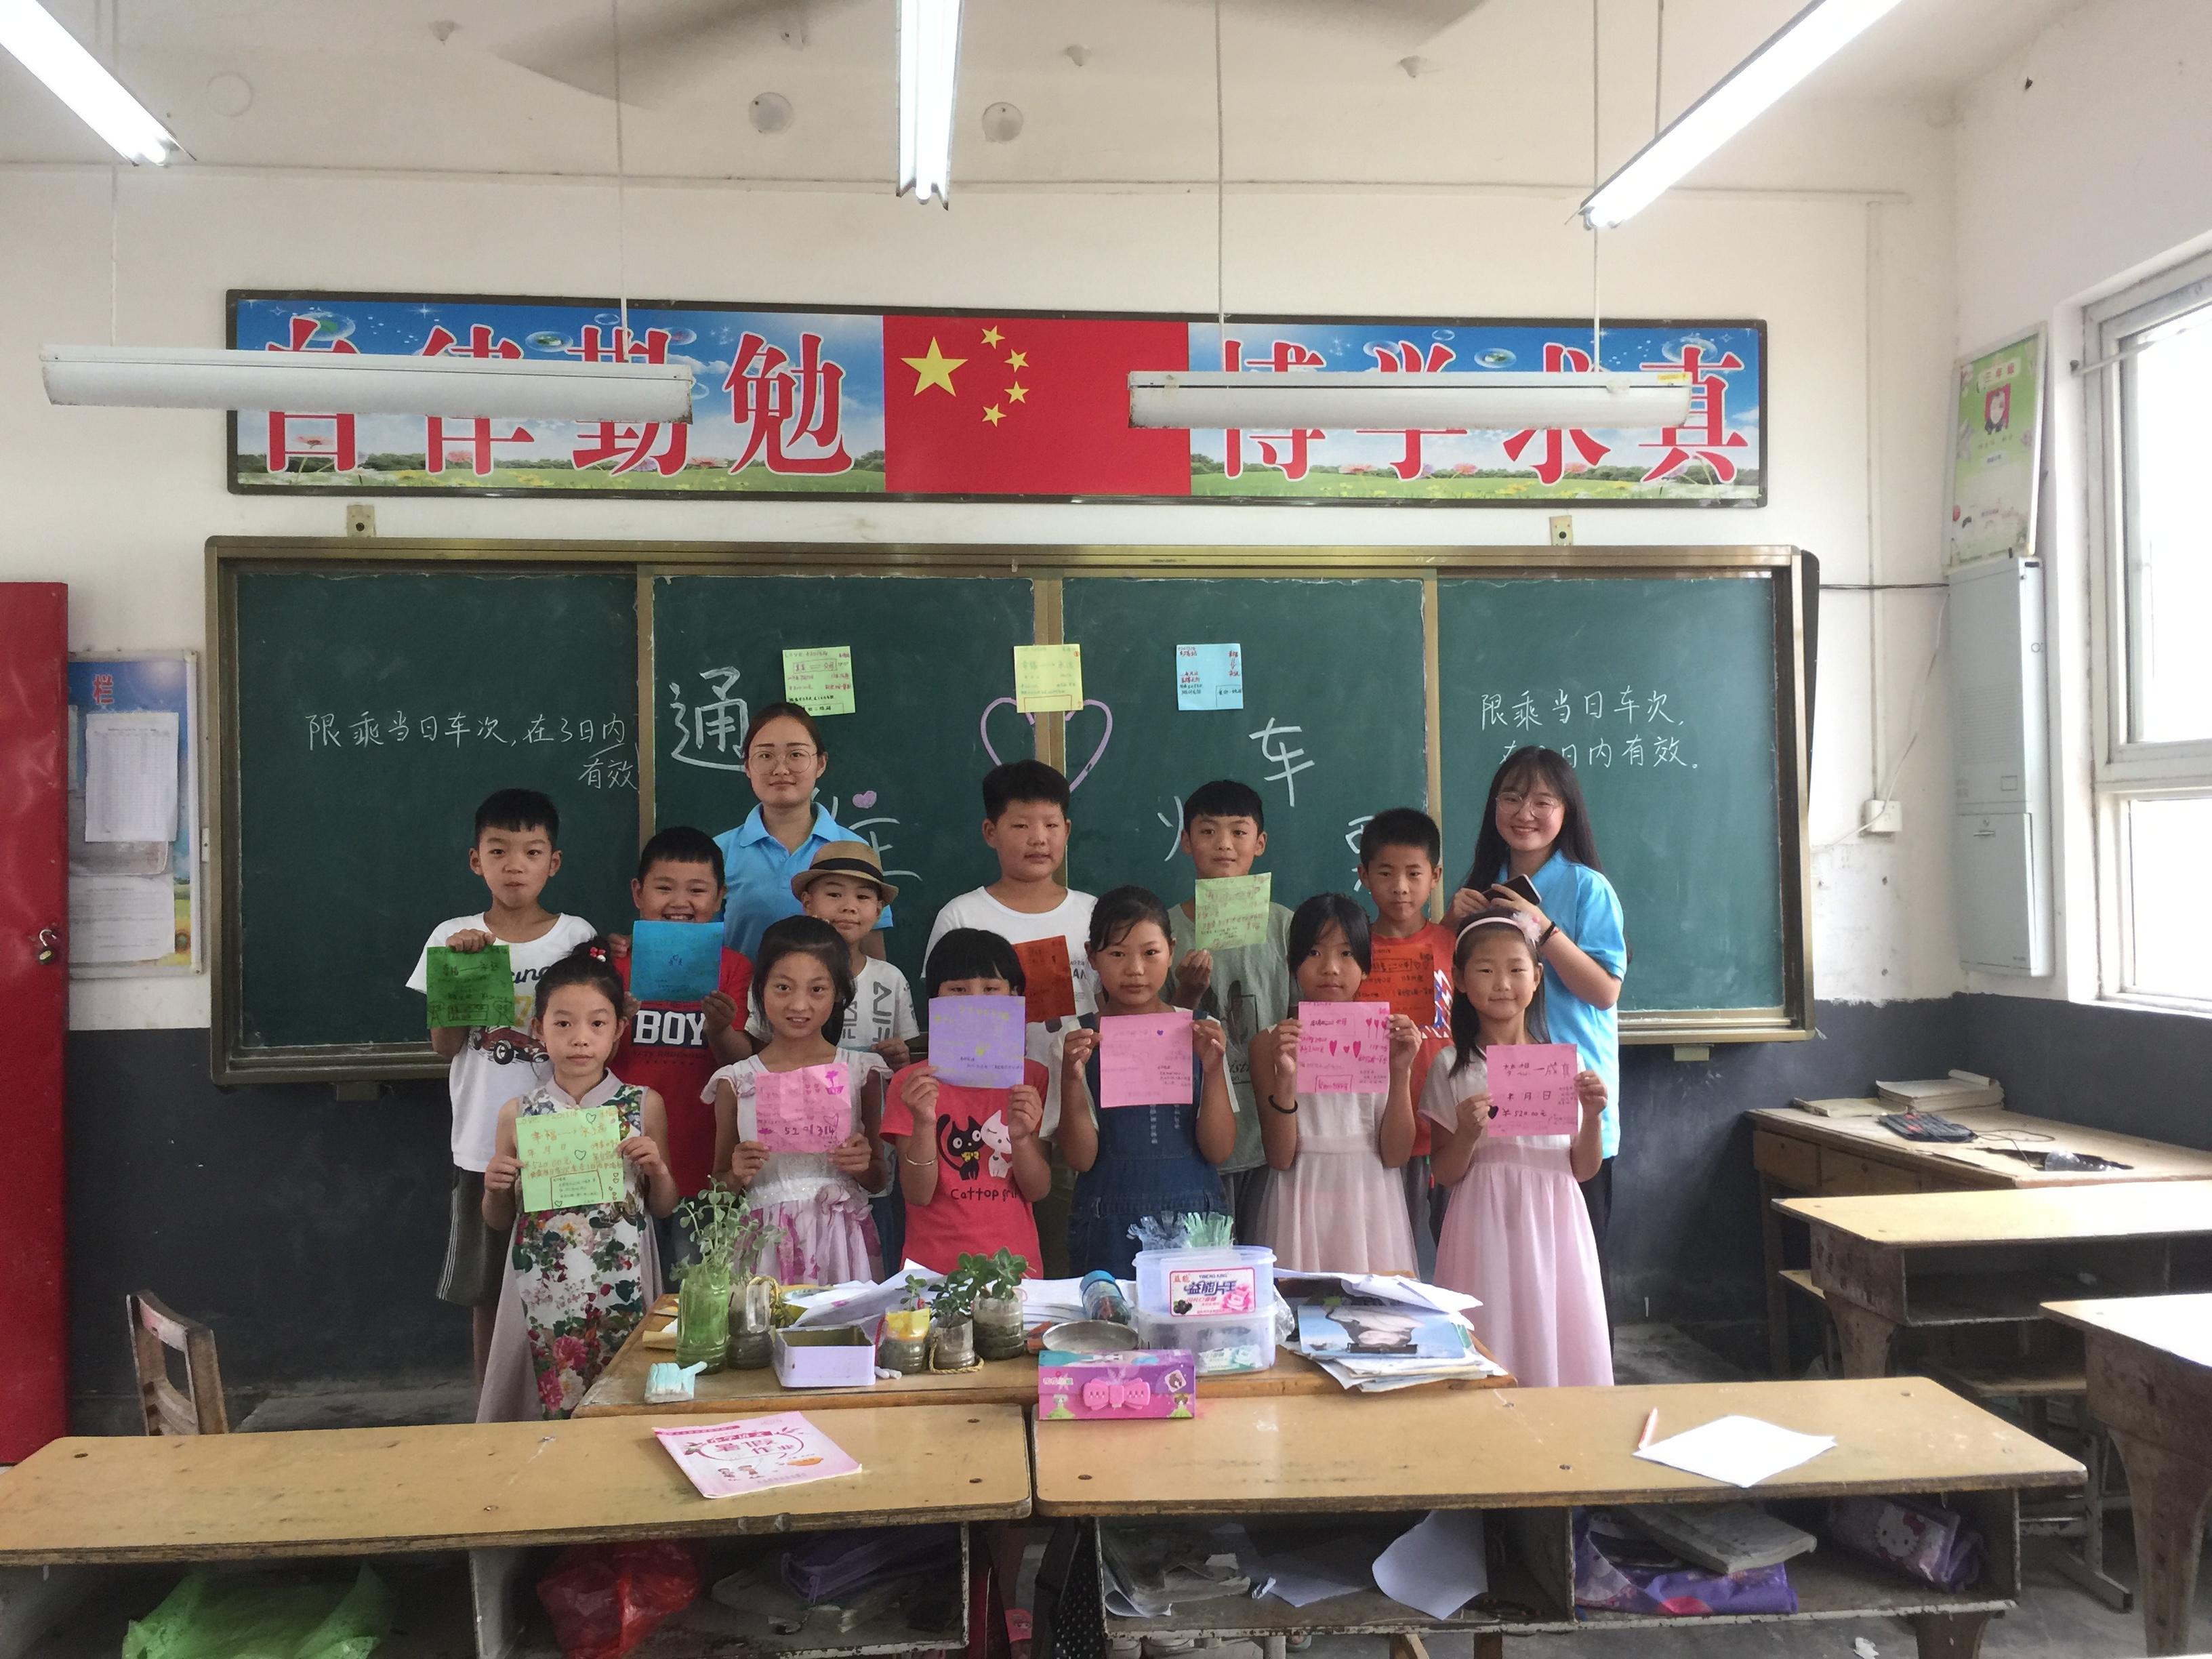 河南化工技师学院宿舍